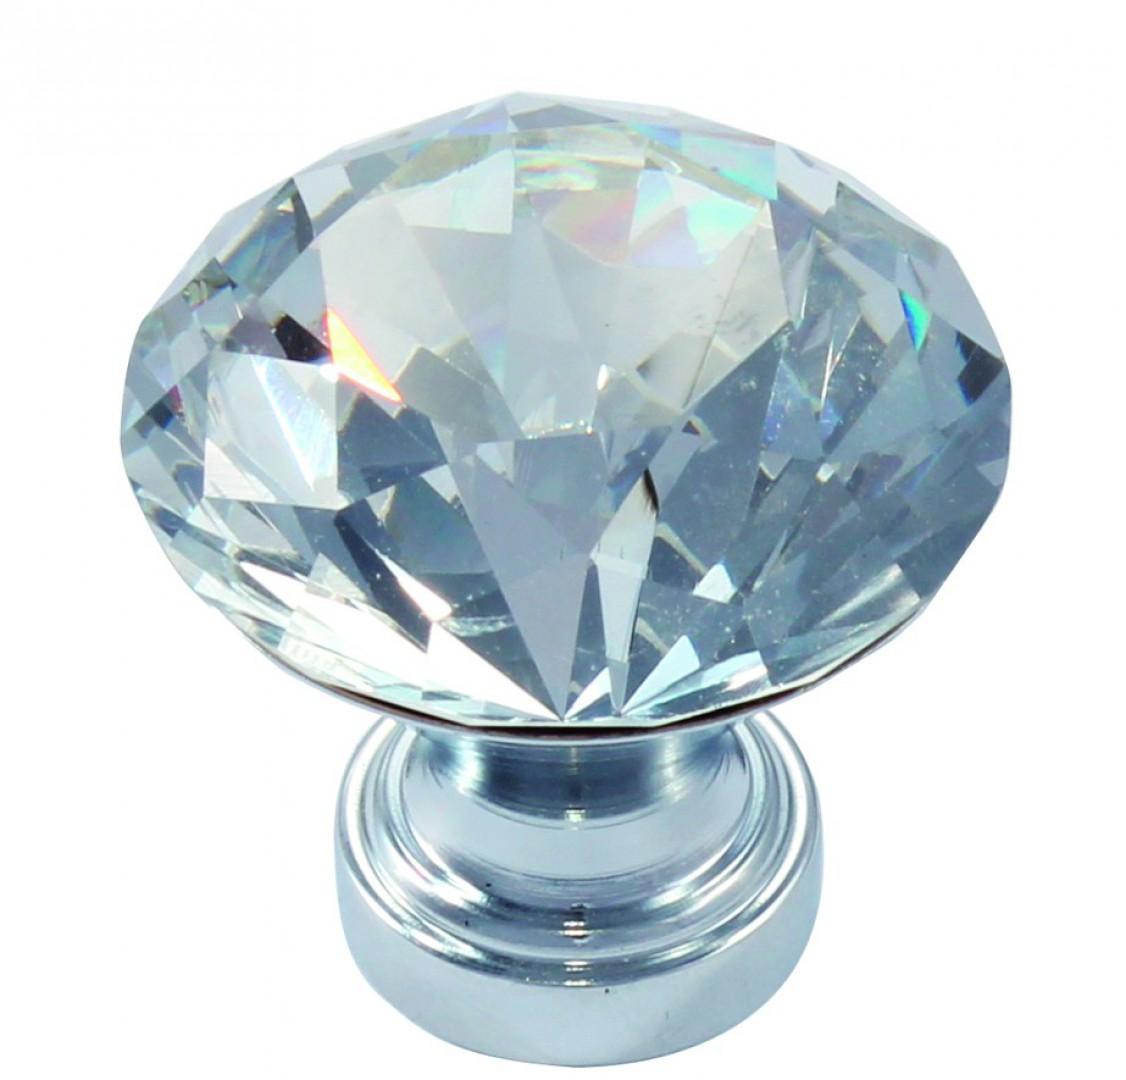 Produkcja Mebli Kryształ I Szkło W Uchwytach